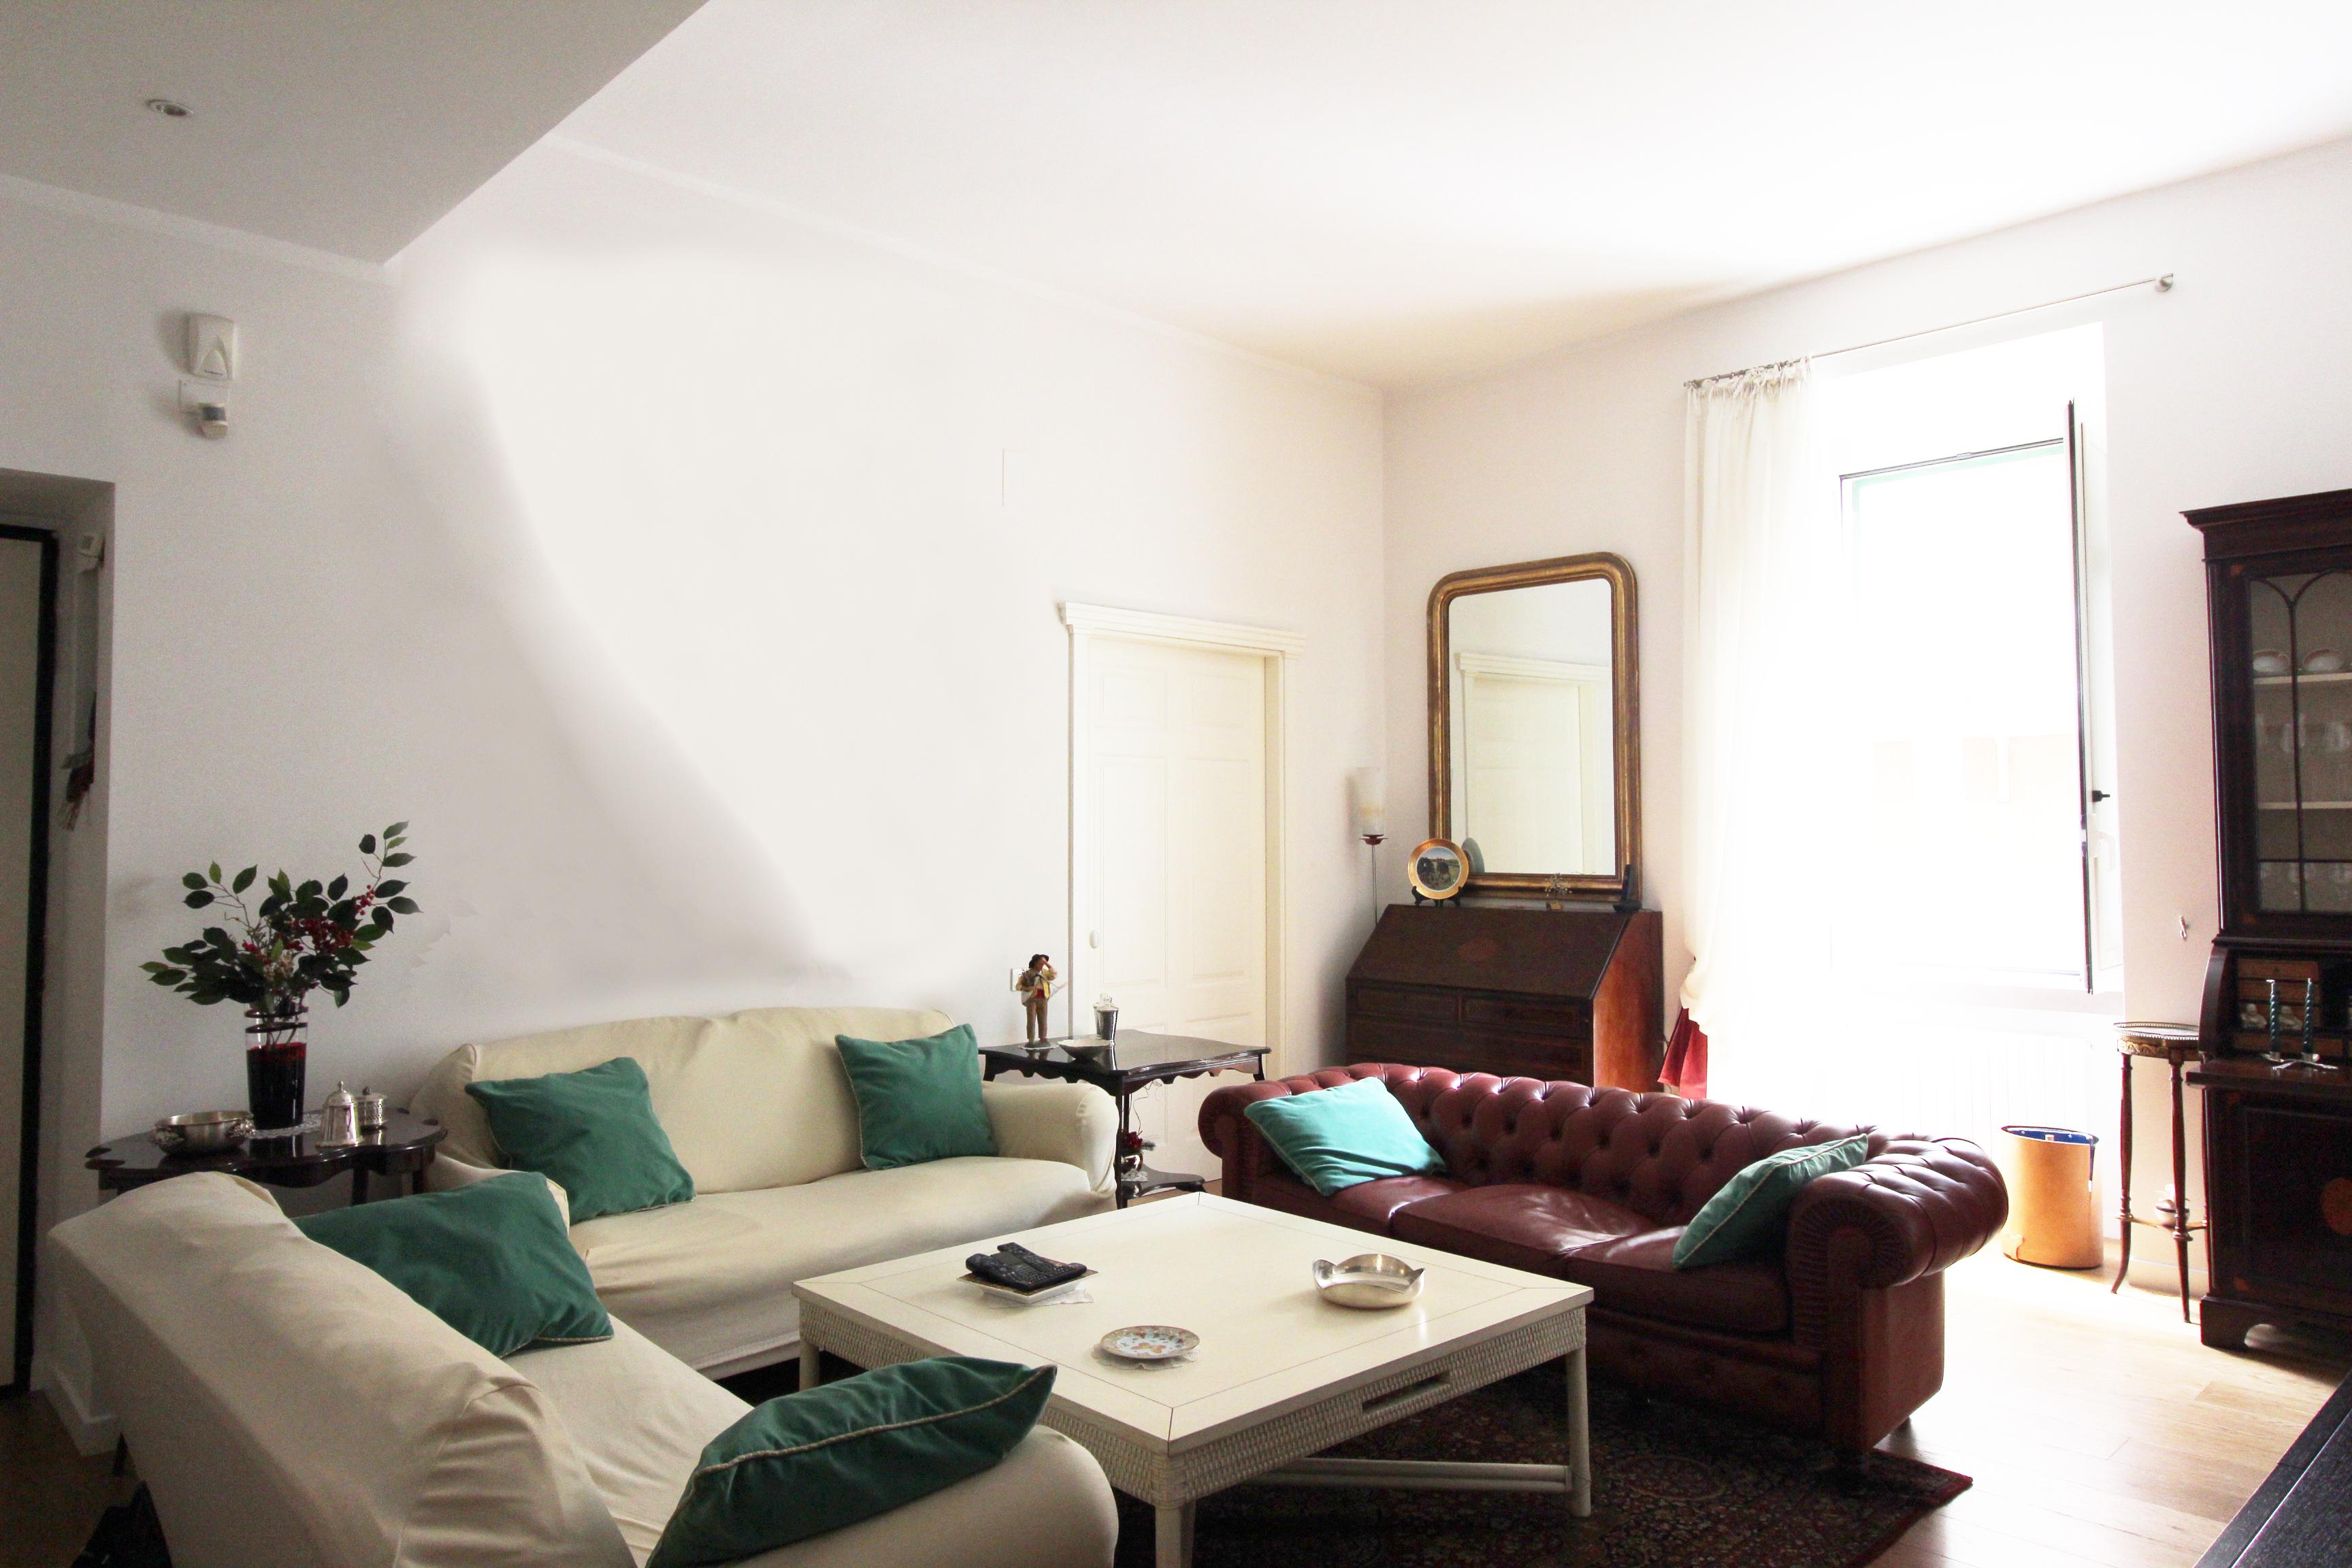 Novim nova immobiliare agenzia immobiliare for Case in vendita salerno centro